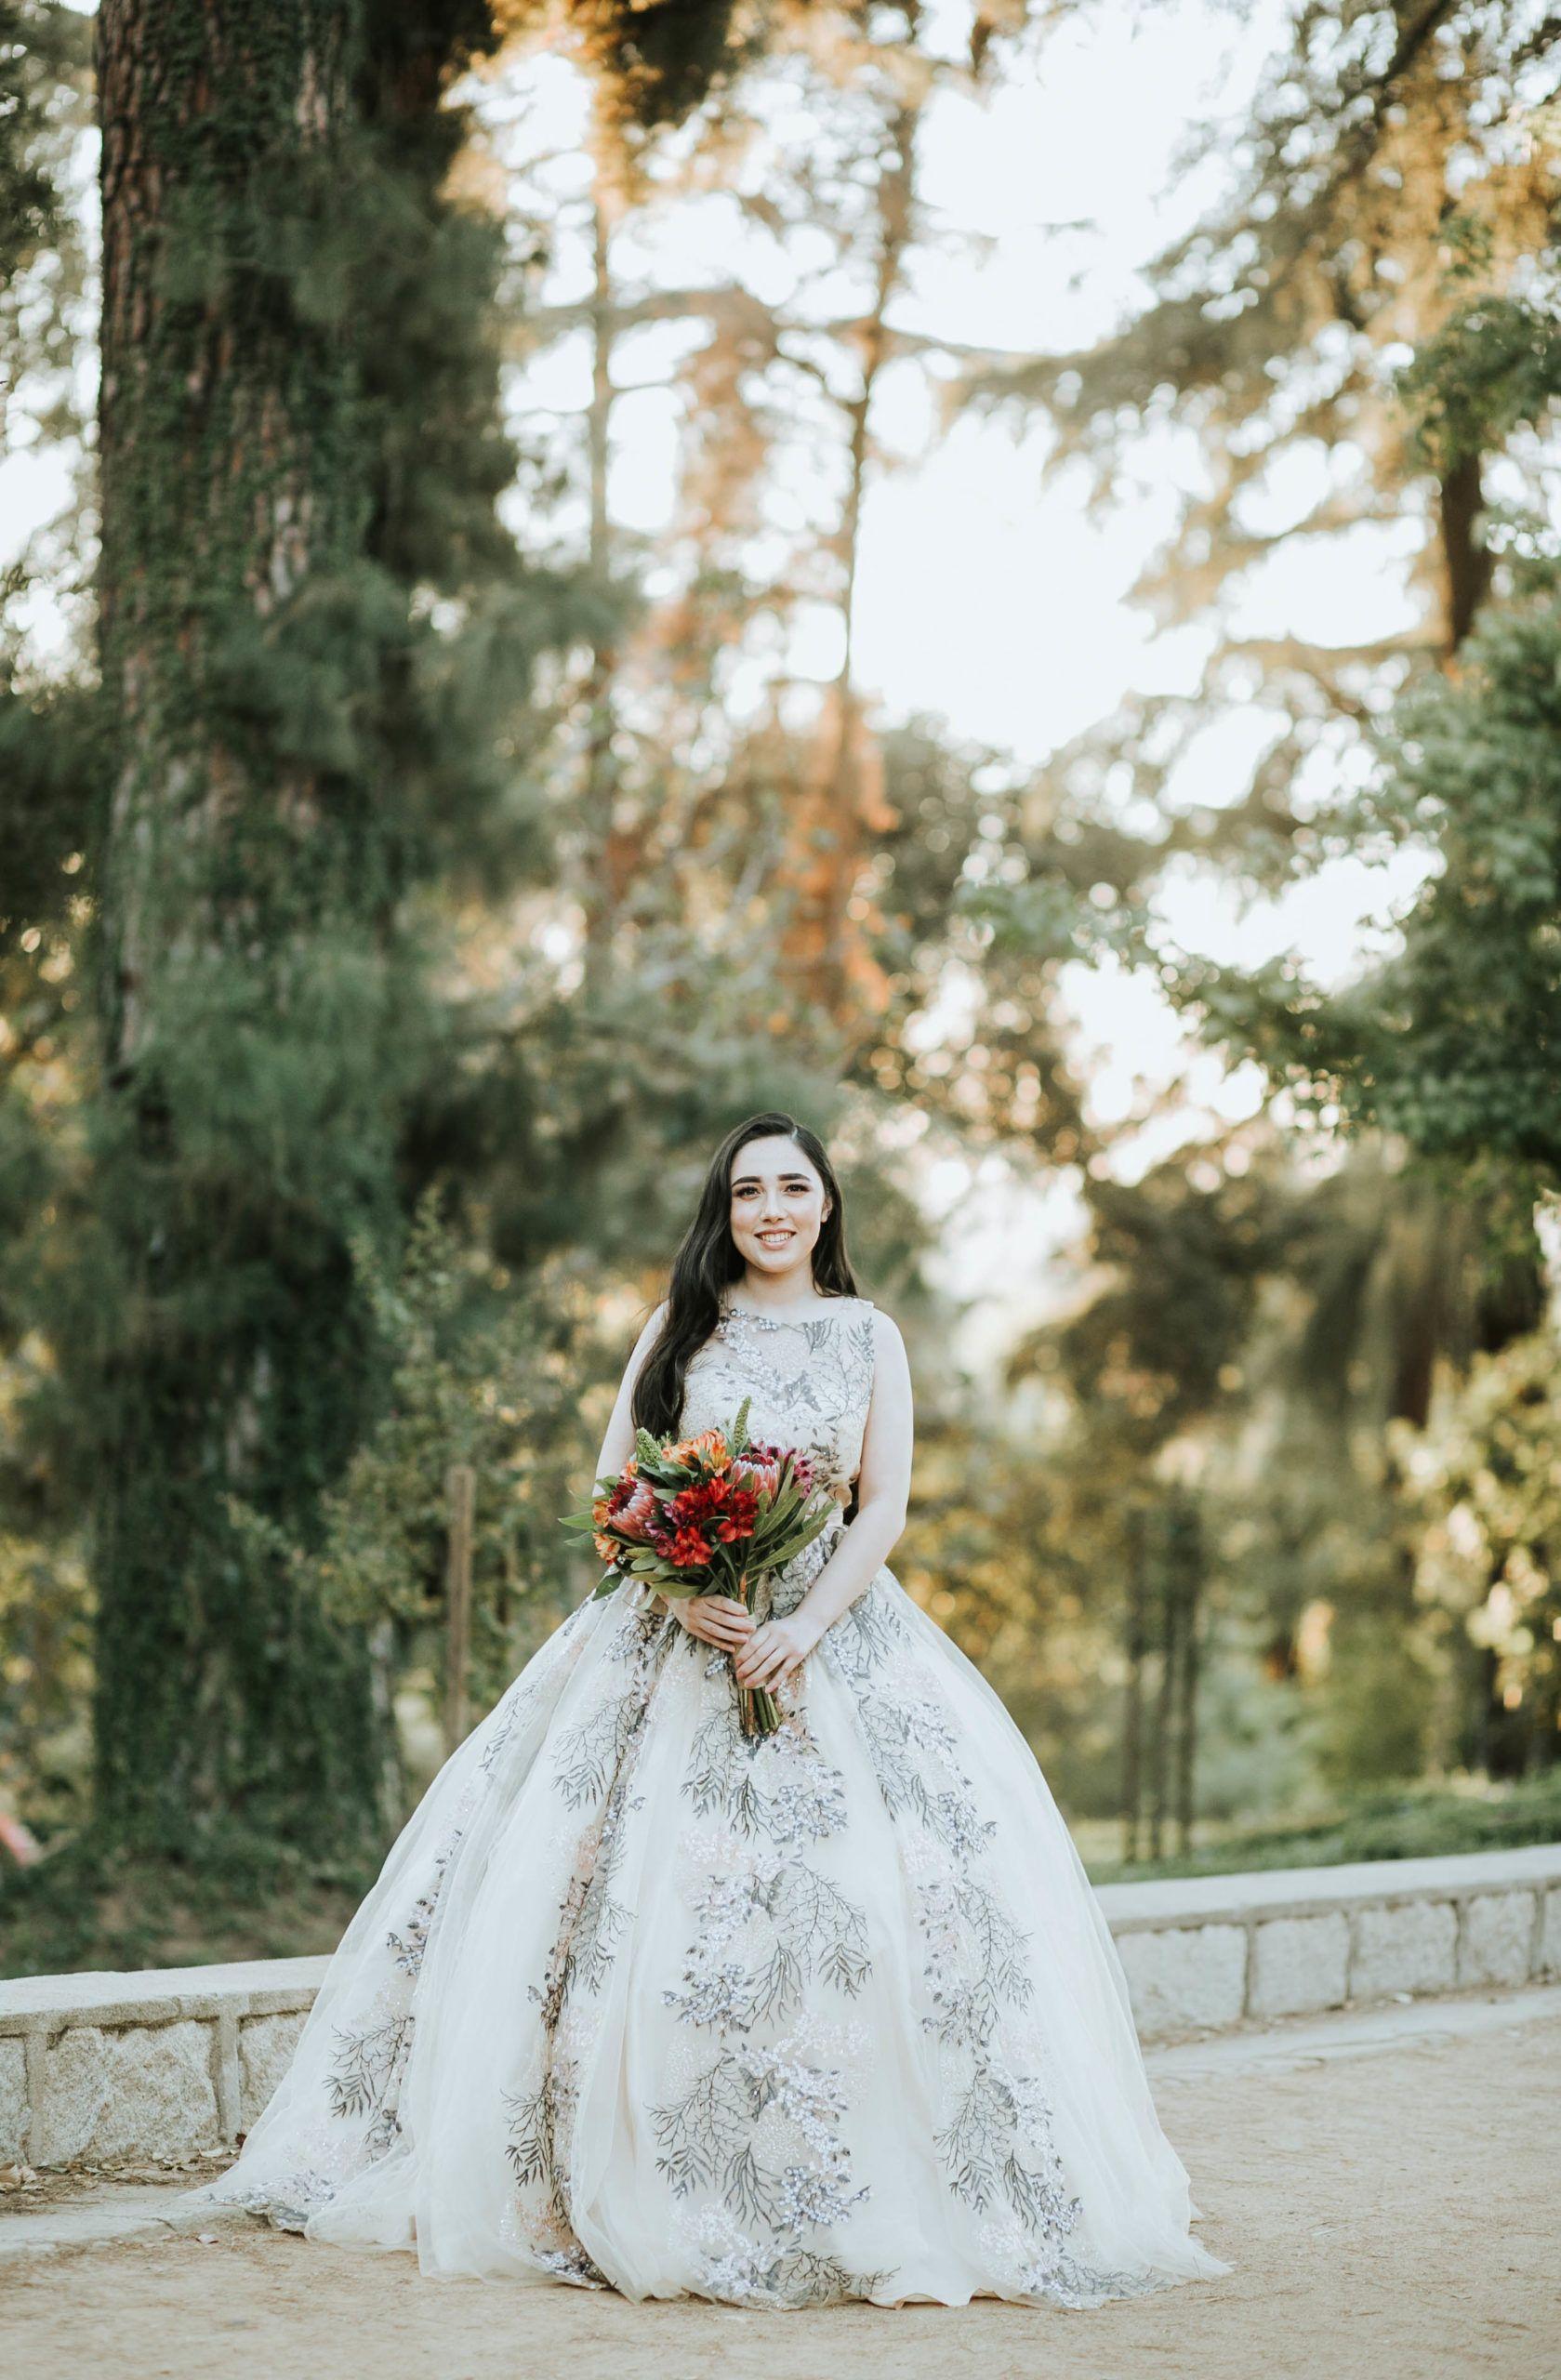 Sweet Sixteen Photos in 2020 Sweet sixteen, Wedding